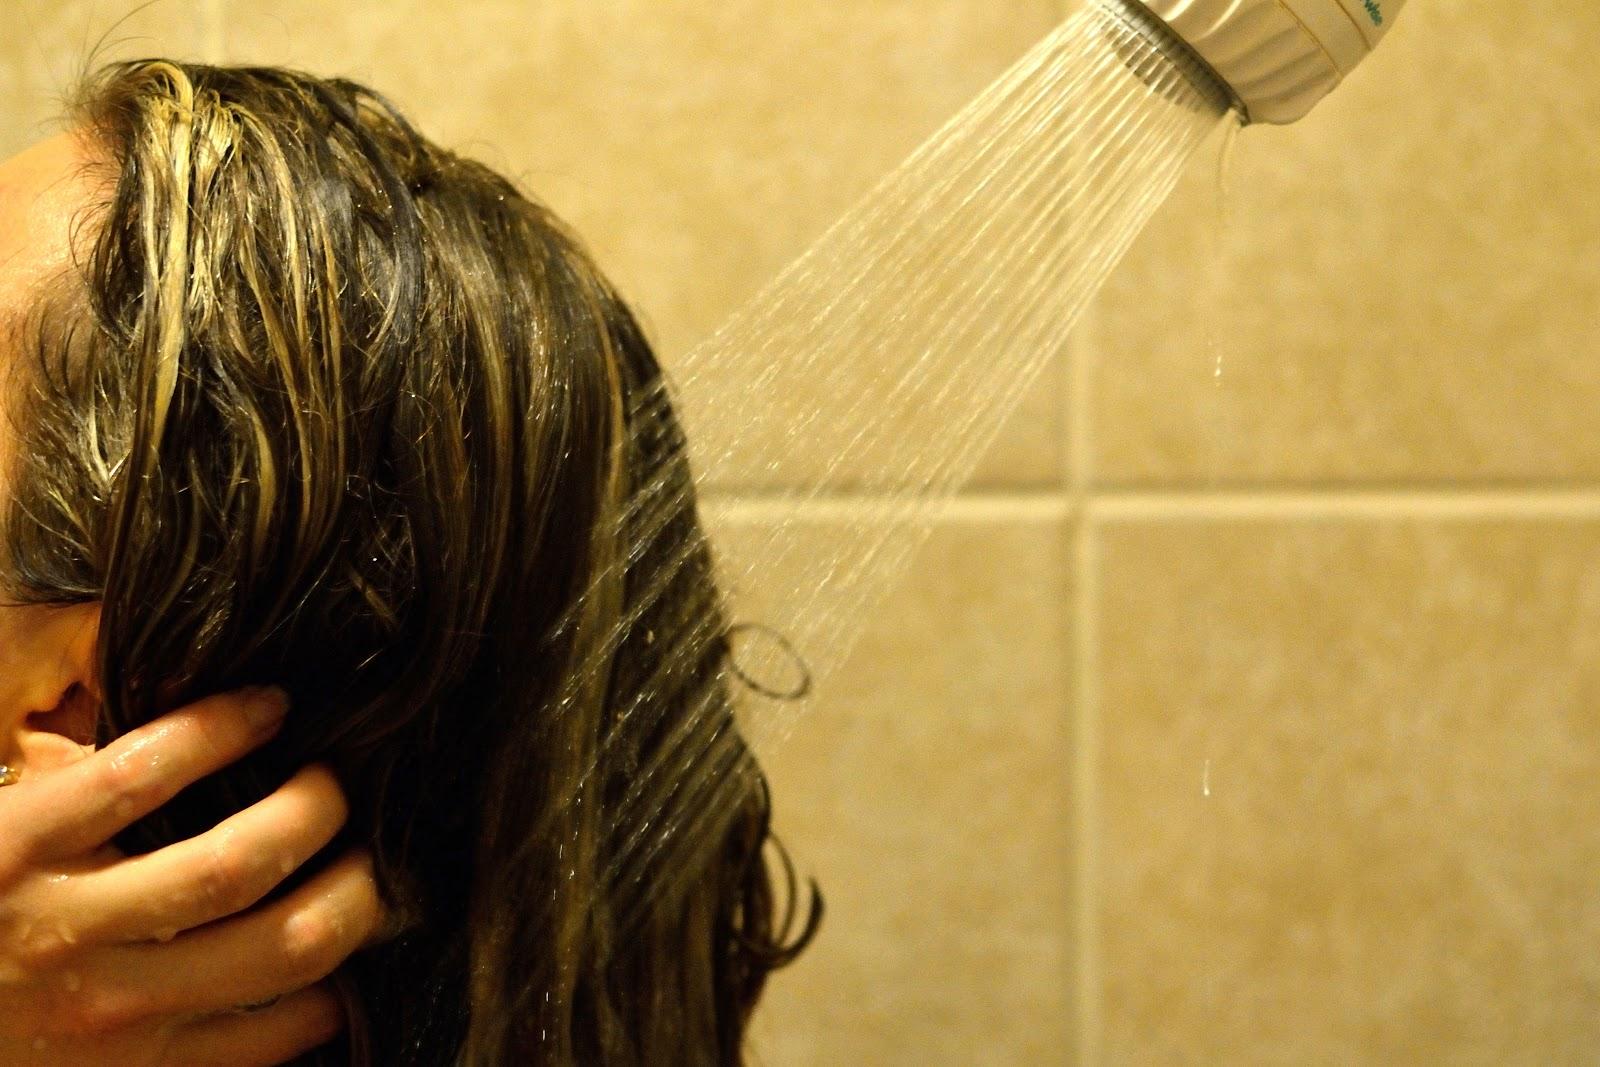 Как быстро смыть краску с волос в домашних условиях? Чем 73